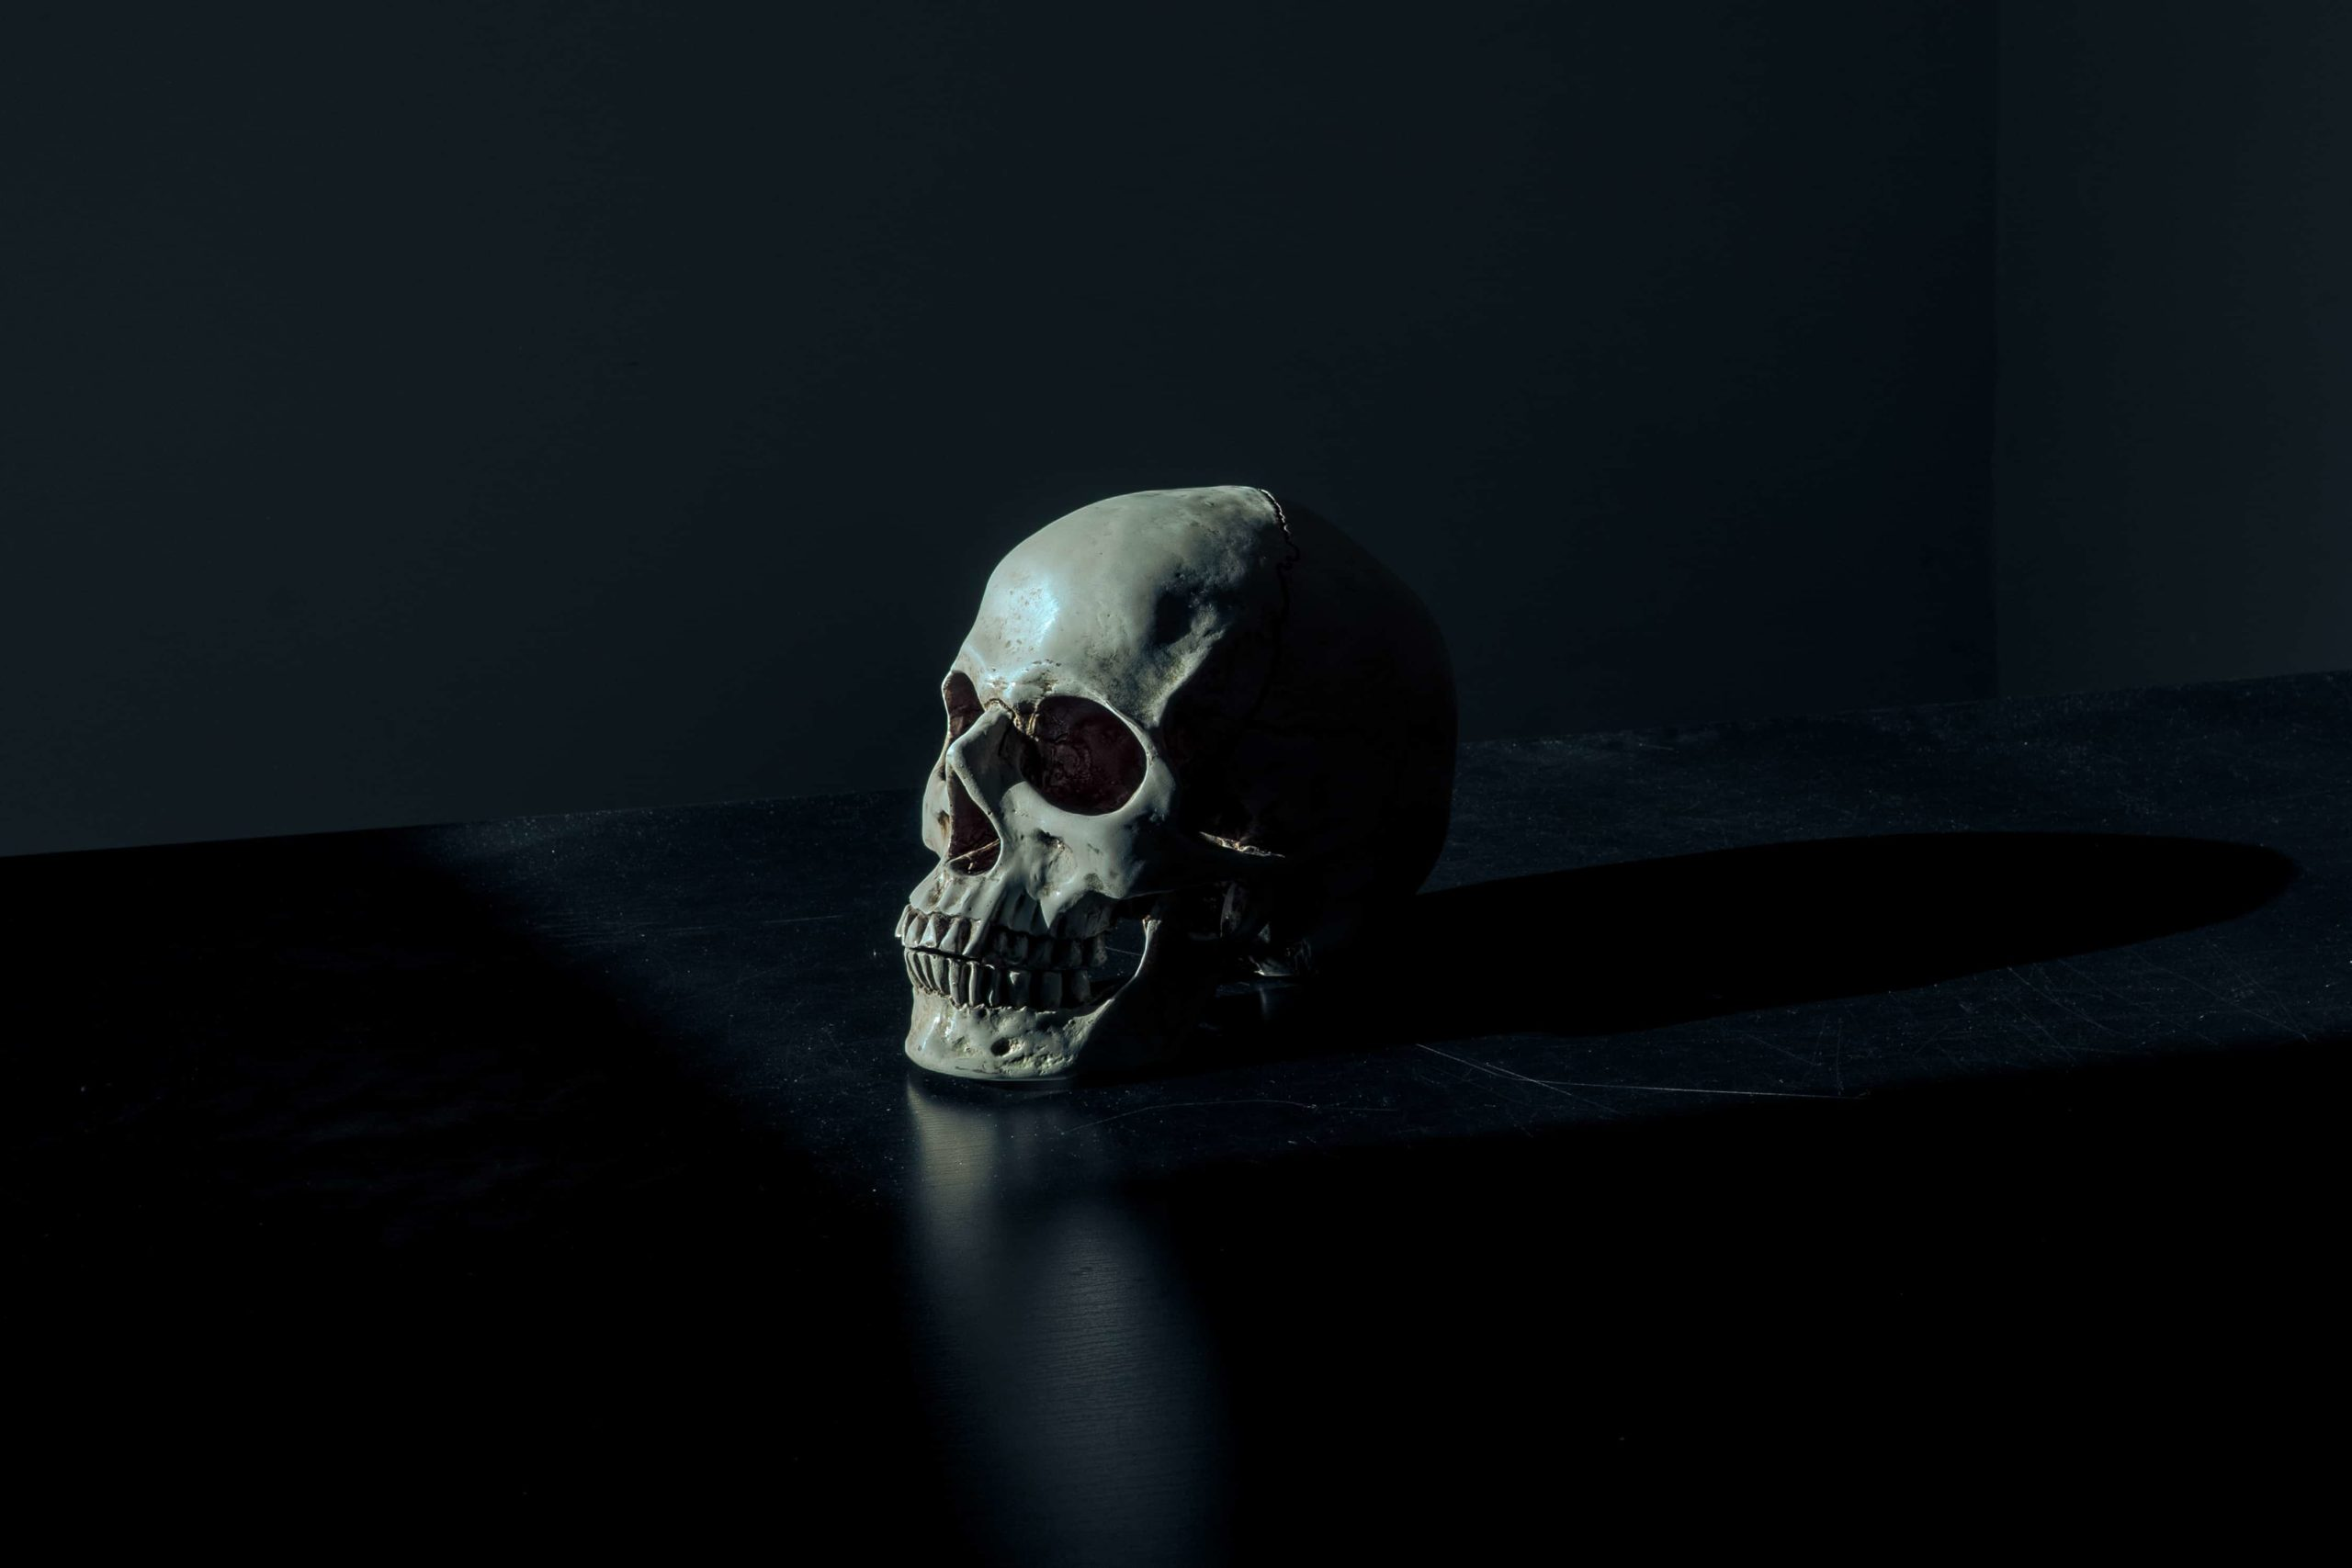 暗闇に浮かぶひとつの骸骨